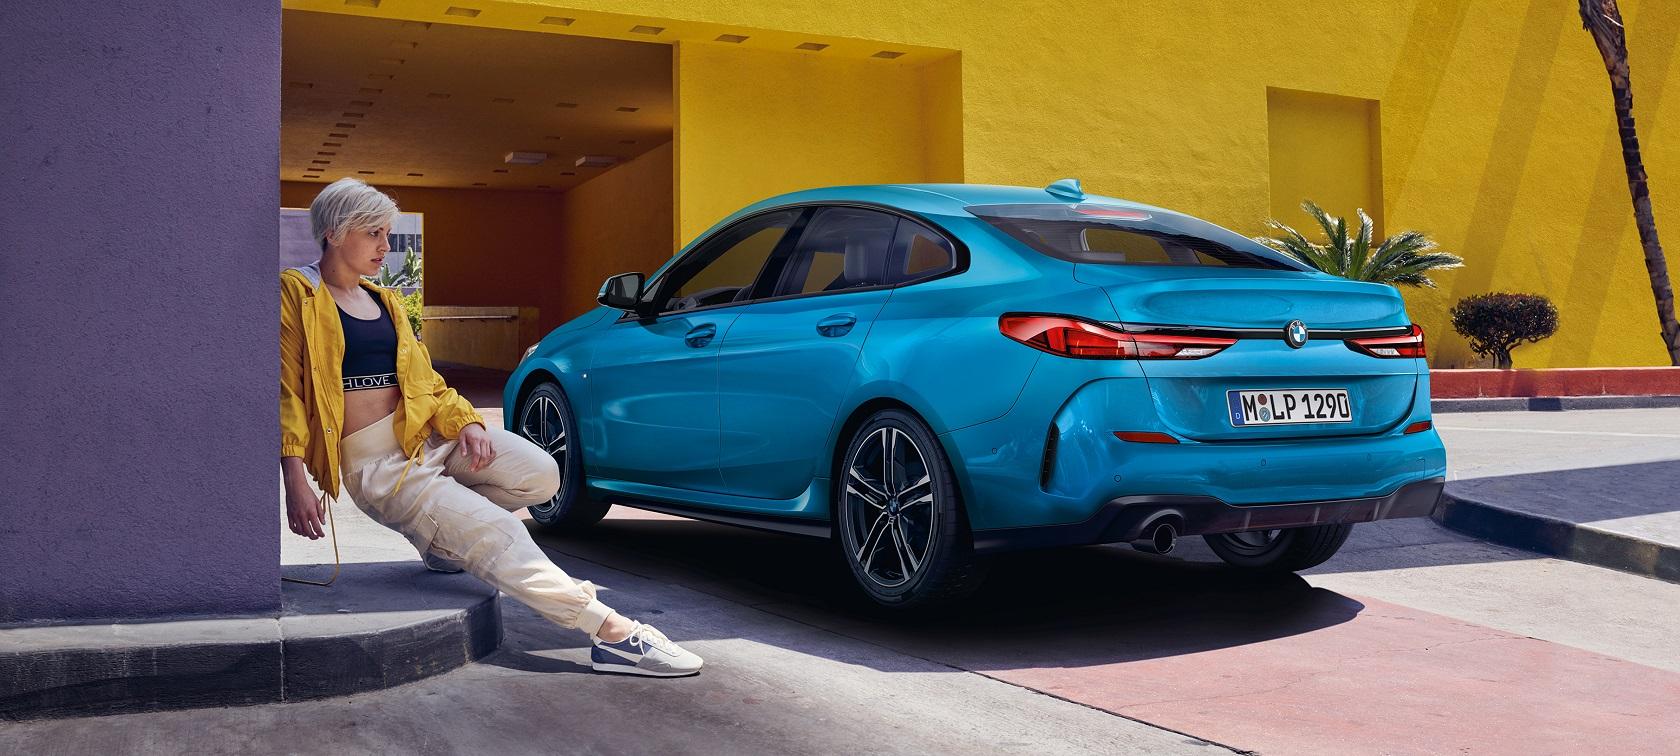 BMW Wagner Neuwagen